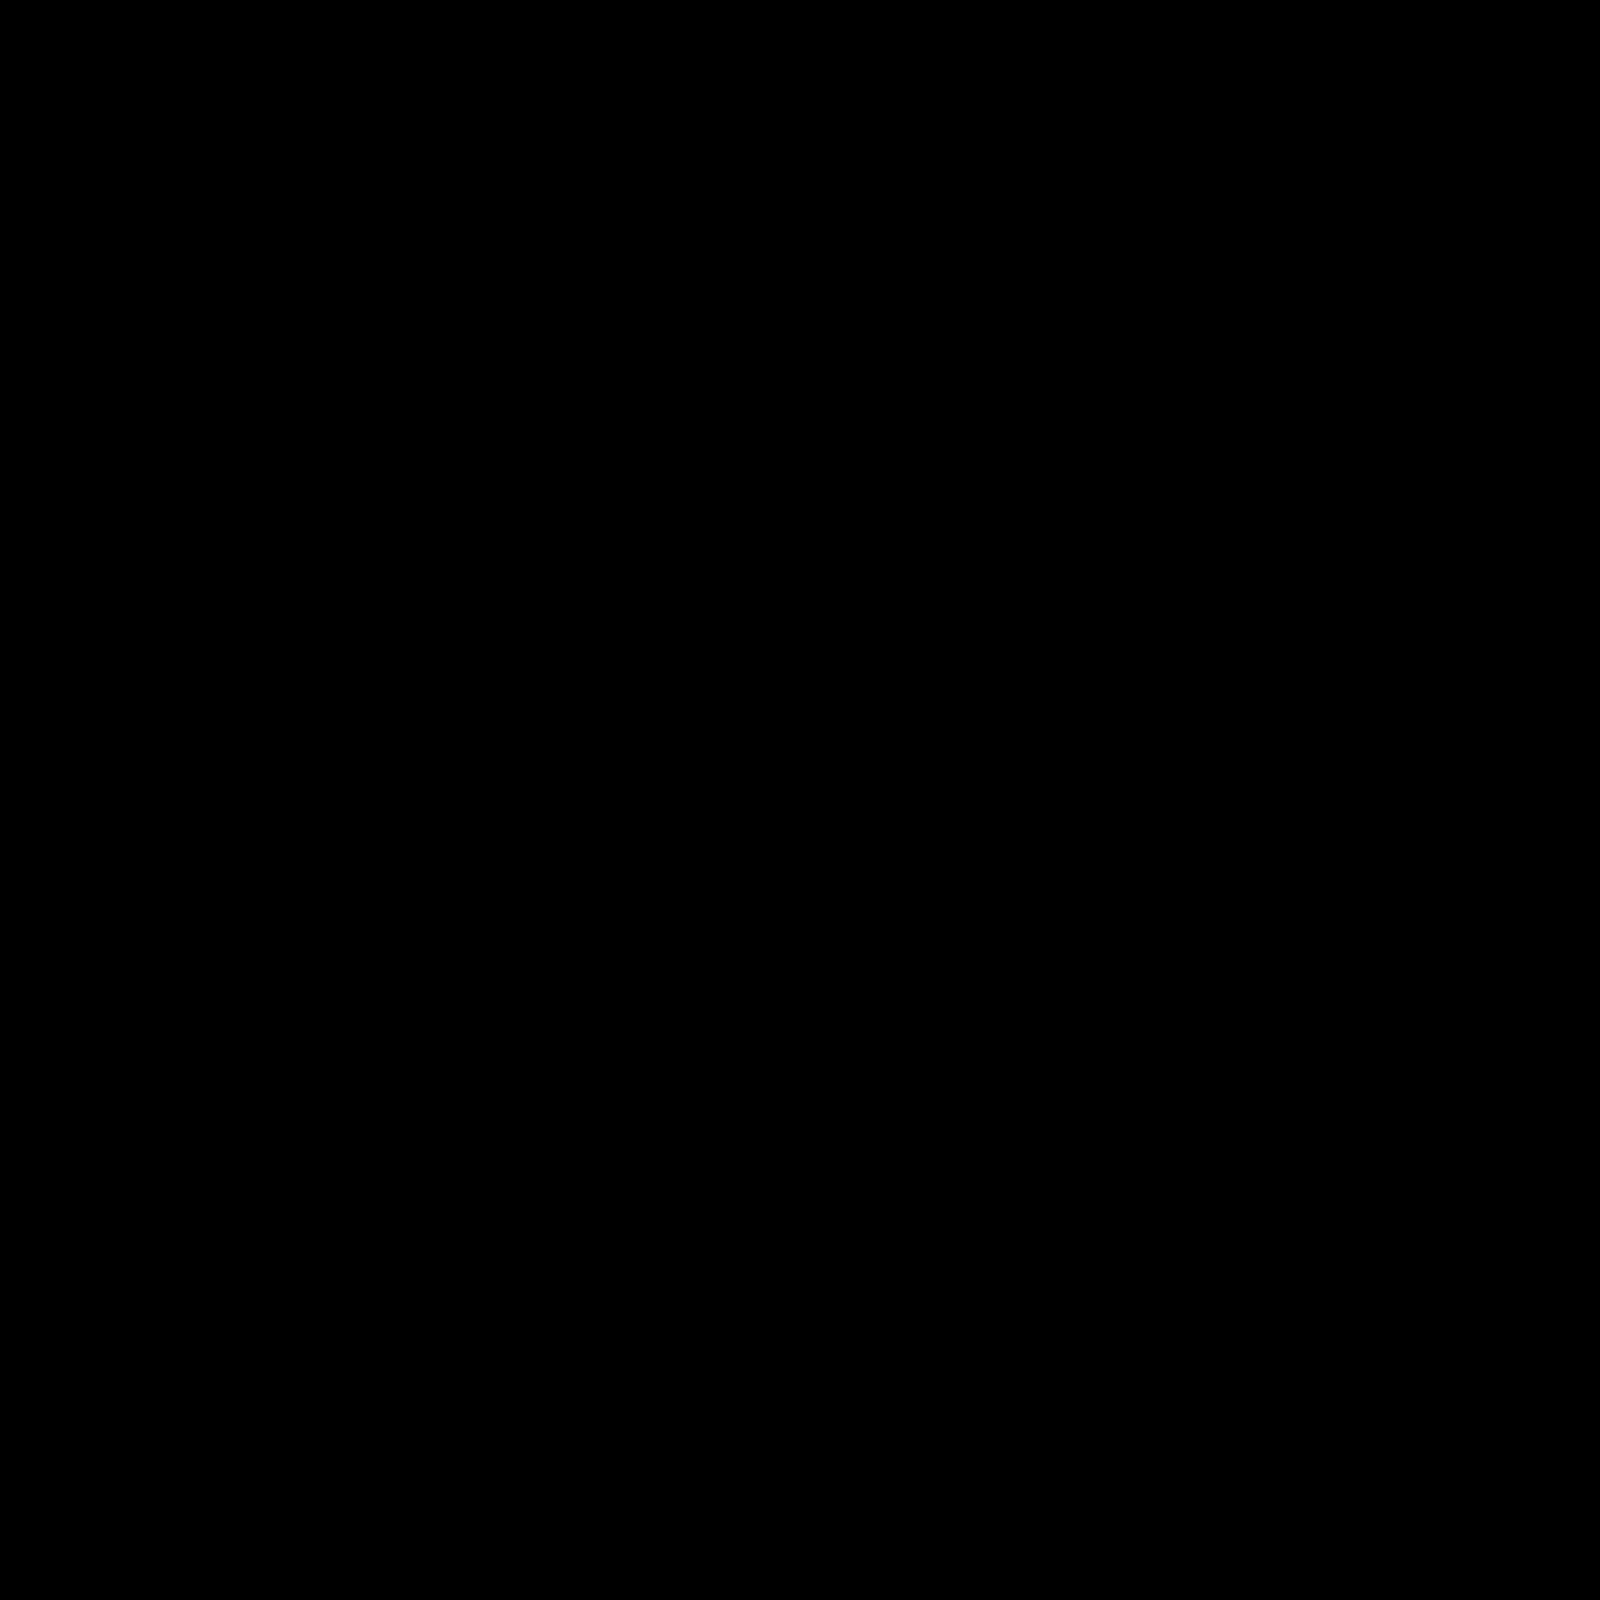 Suv 2 icon